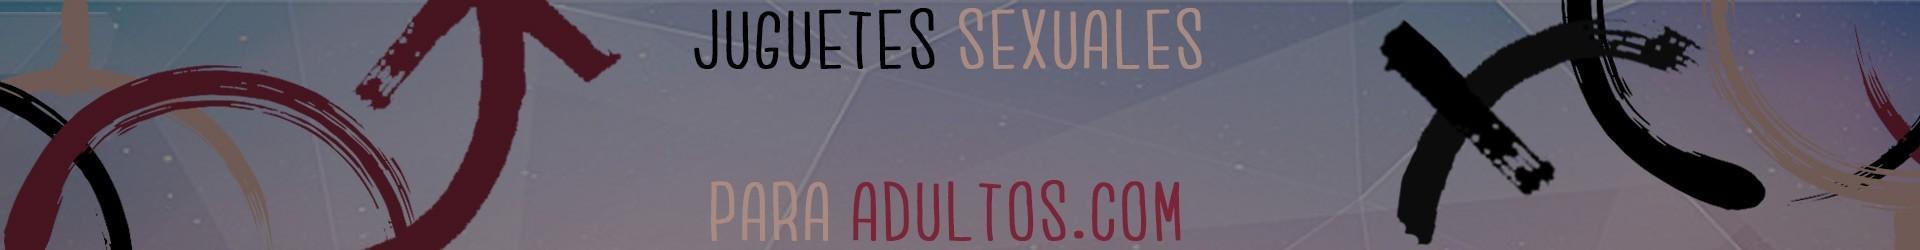 Fustas / Palas - Juguetes Sexuales para Adultos Sex Shop